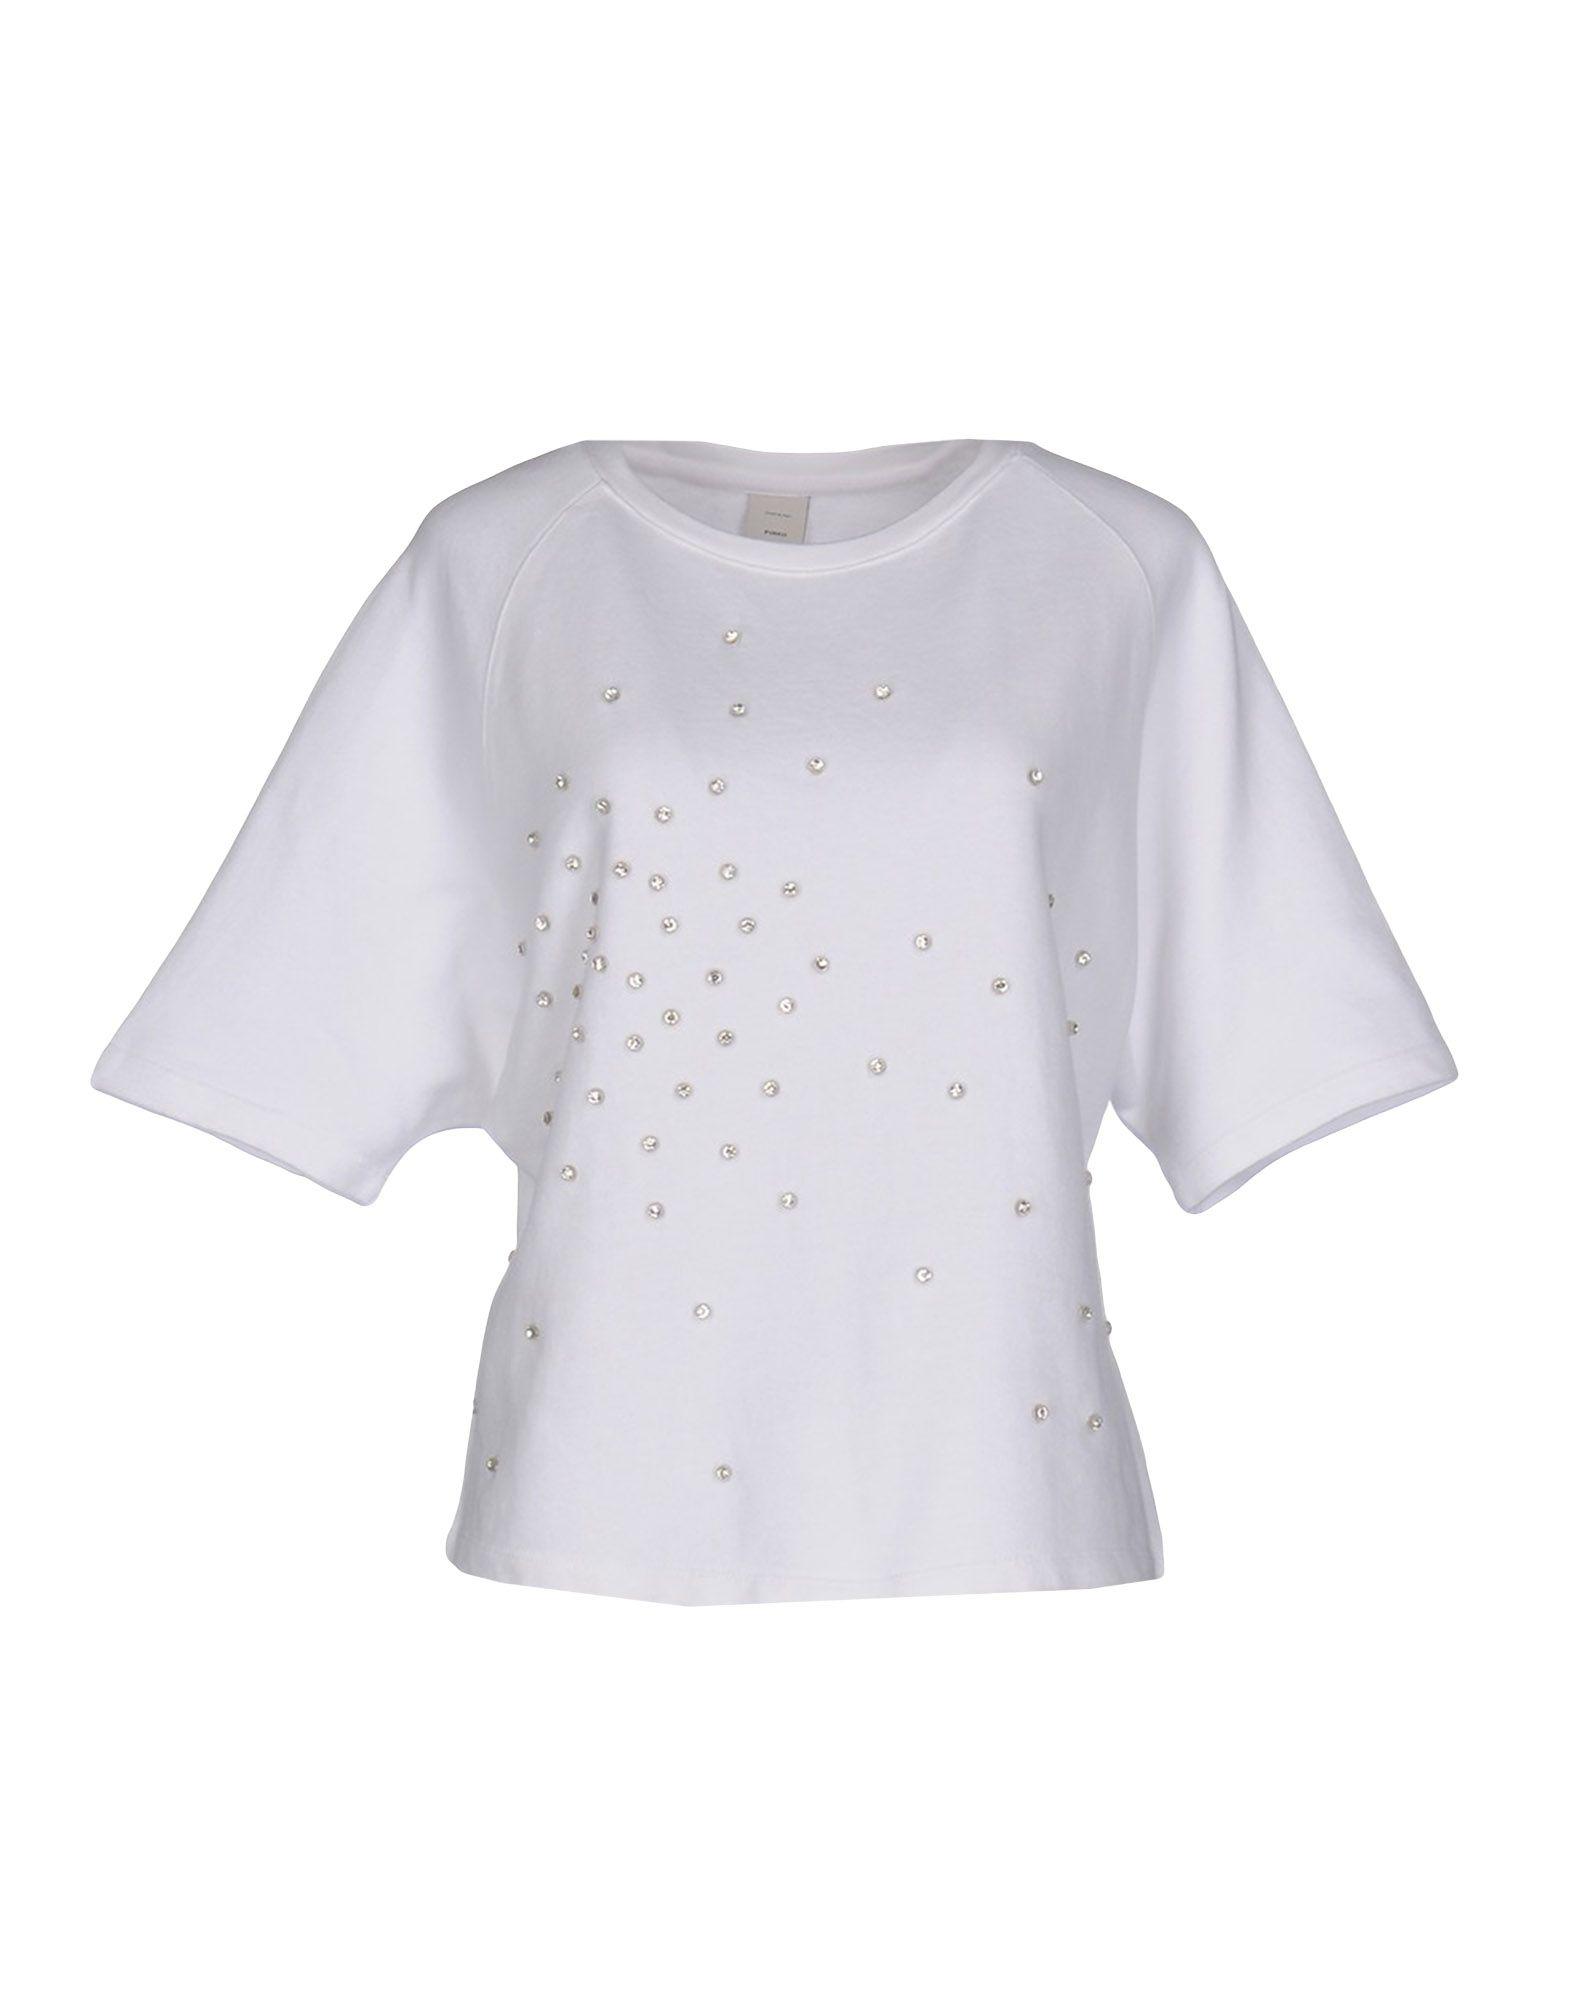 PINKO Damen Sweatshirt Farbe Weiß Größe 3